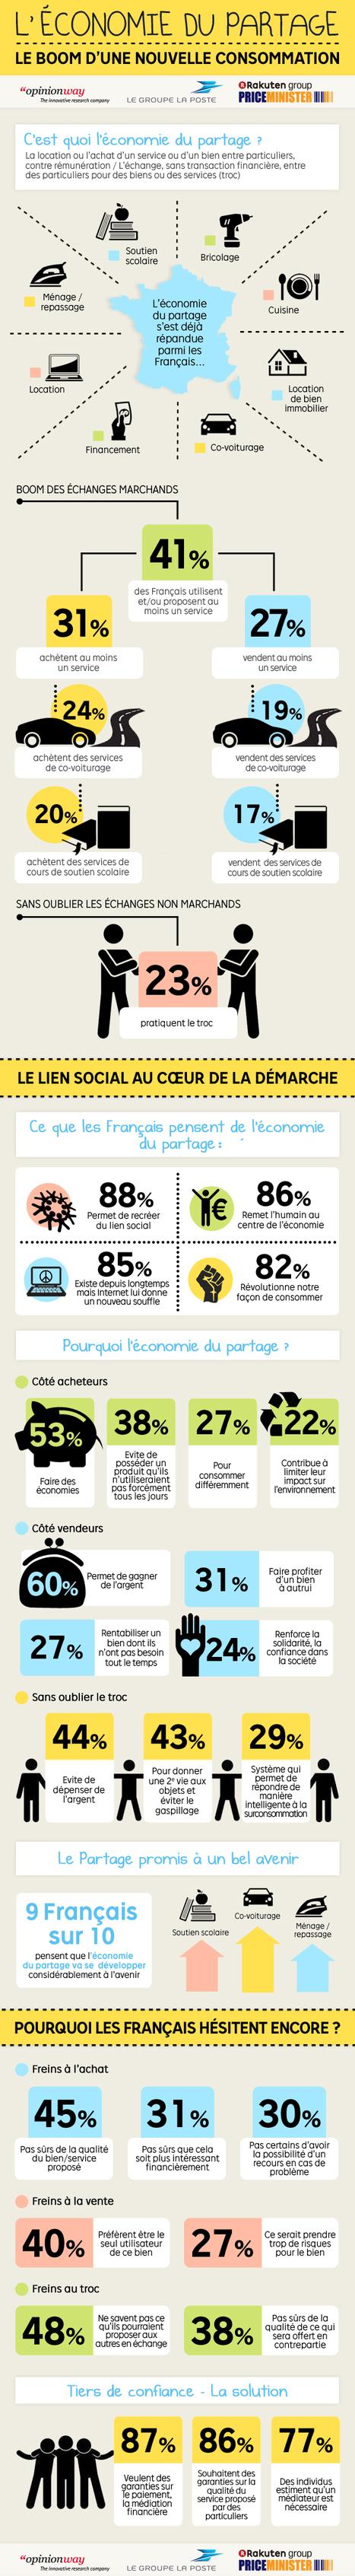 L'économie du partage - Une infographie PriceMinister-Rakuten - Blog PriceMinister | Actu et stratégie e-commerce | Scoop.it